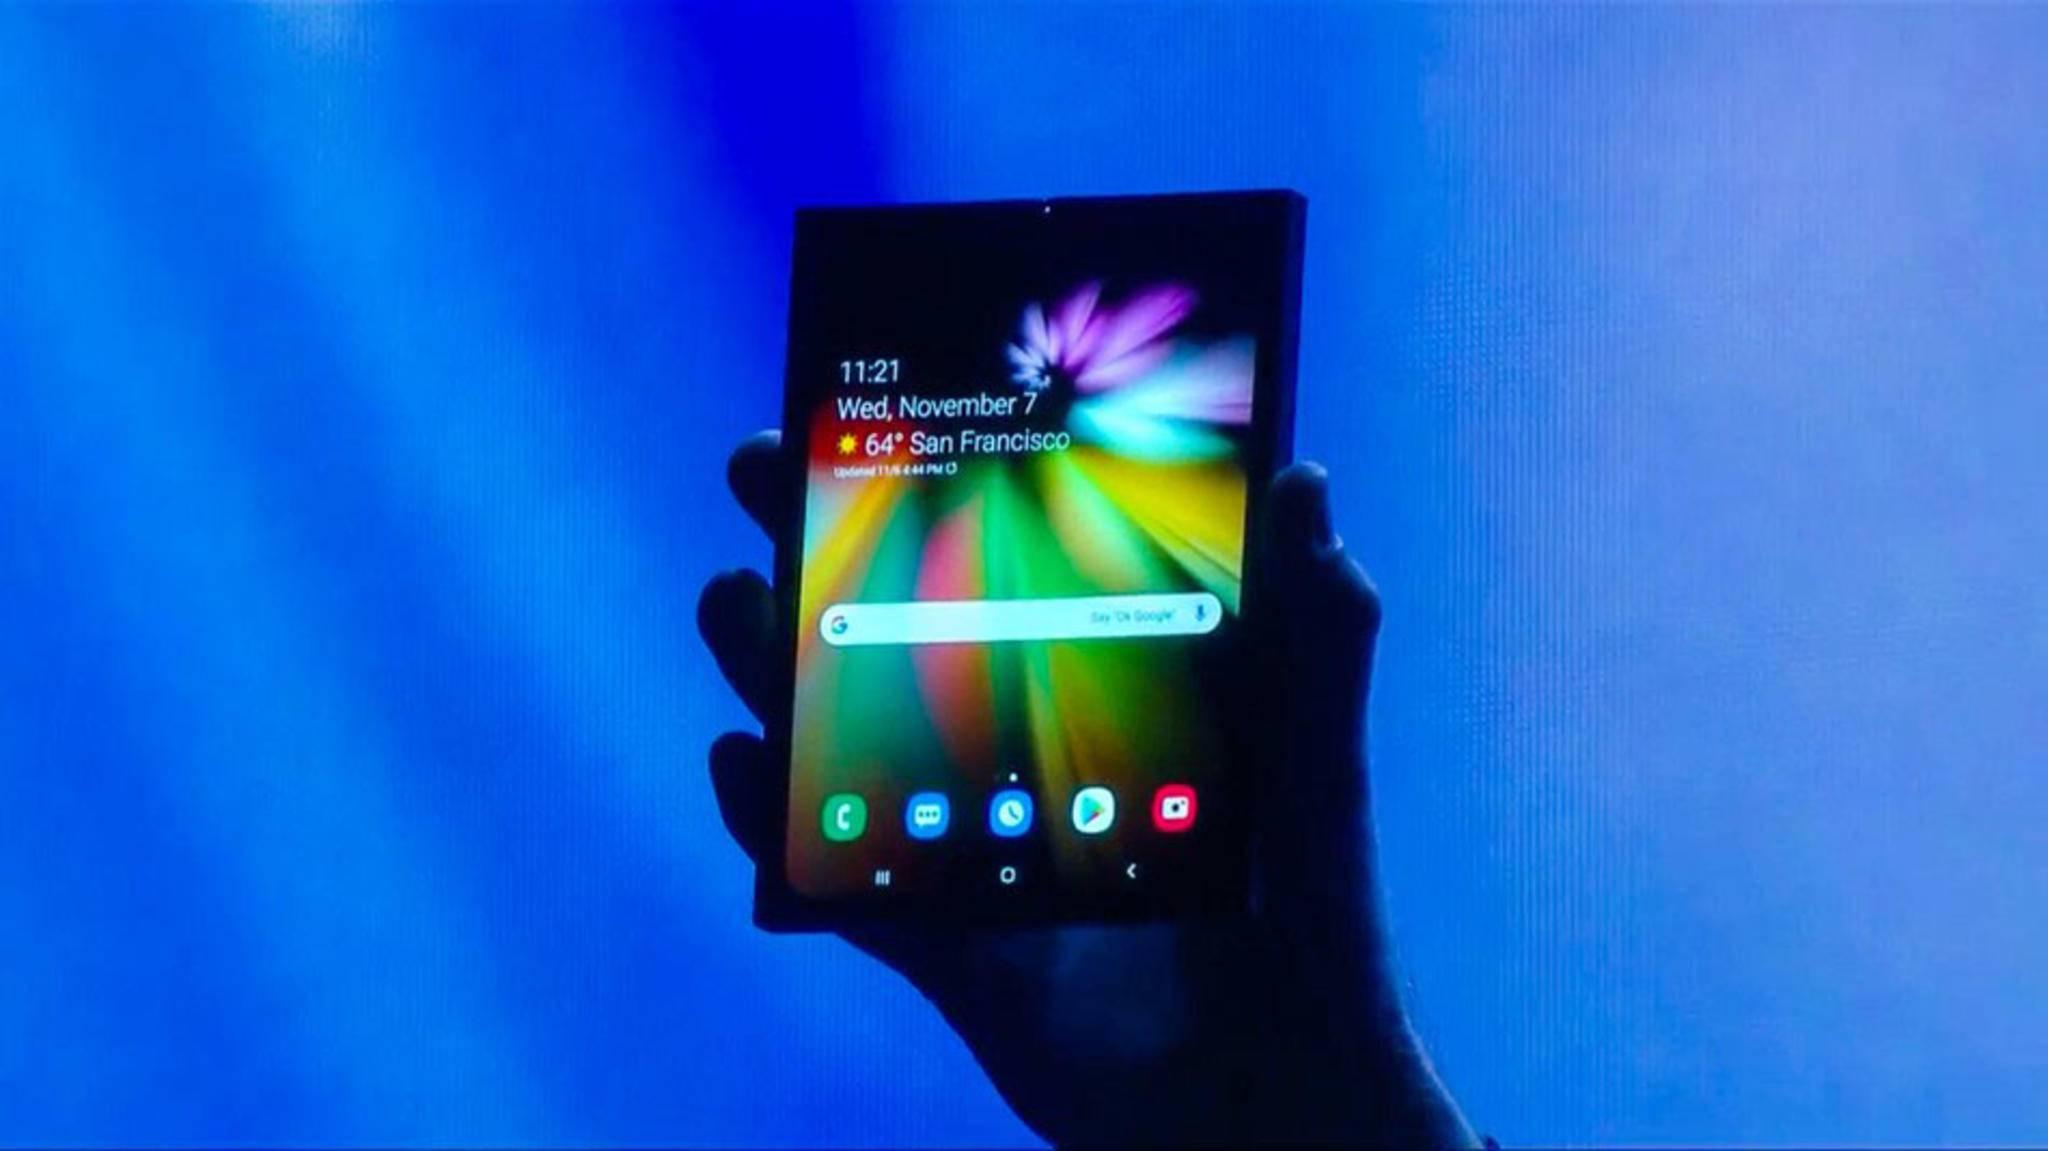 Technologie hat ihren Preis: Samsungs faltbares Smartphone könnte mit über 2000 Euro echt teuer werden.